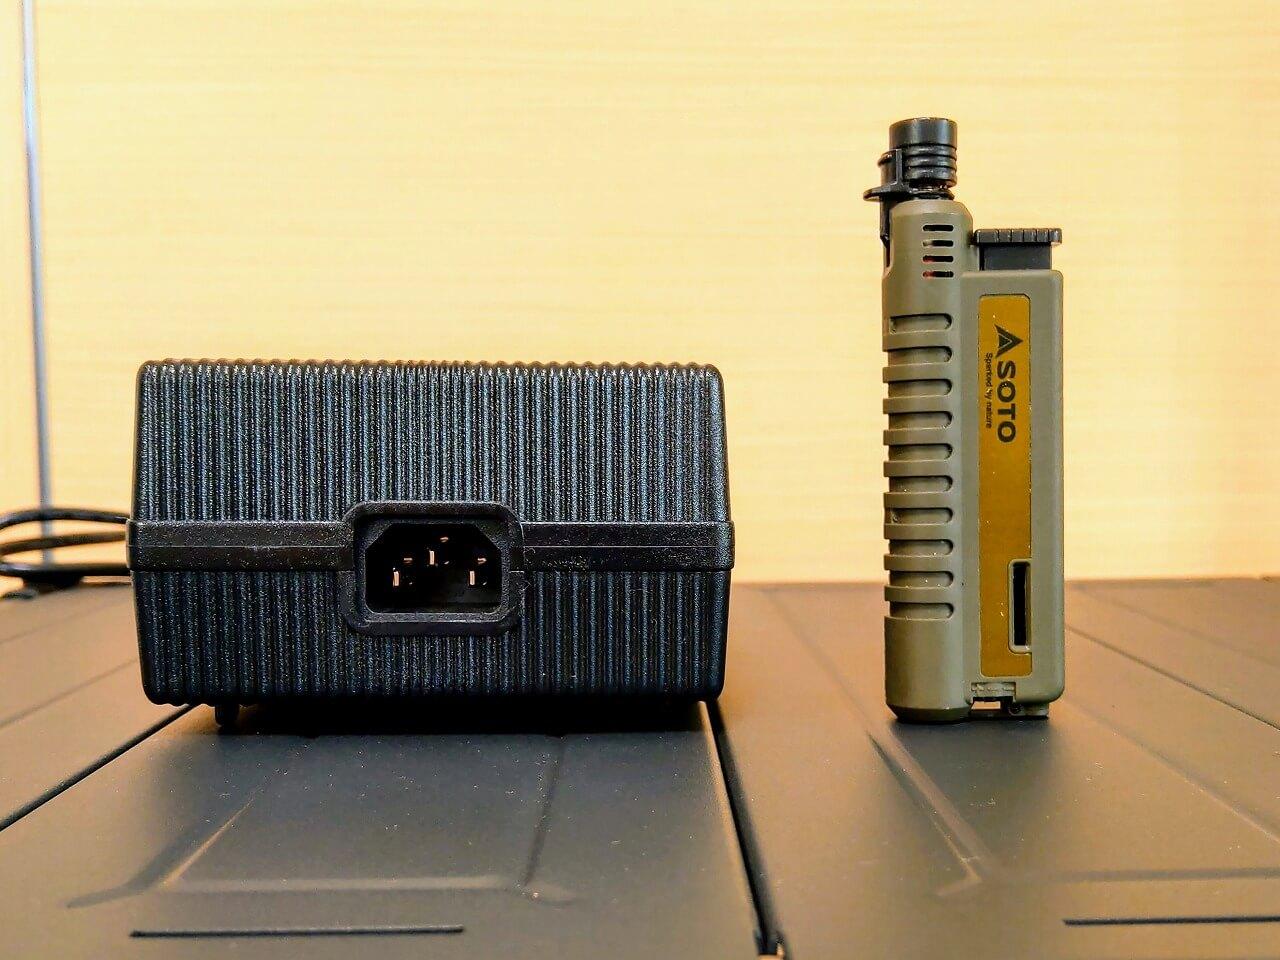 BLUETTI ポータブル電源 AC200PのACアダプターをスライドガストーチをサイズ比較